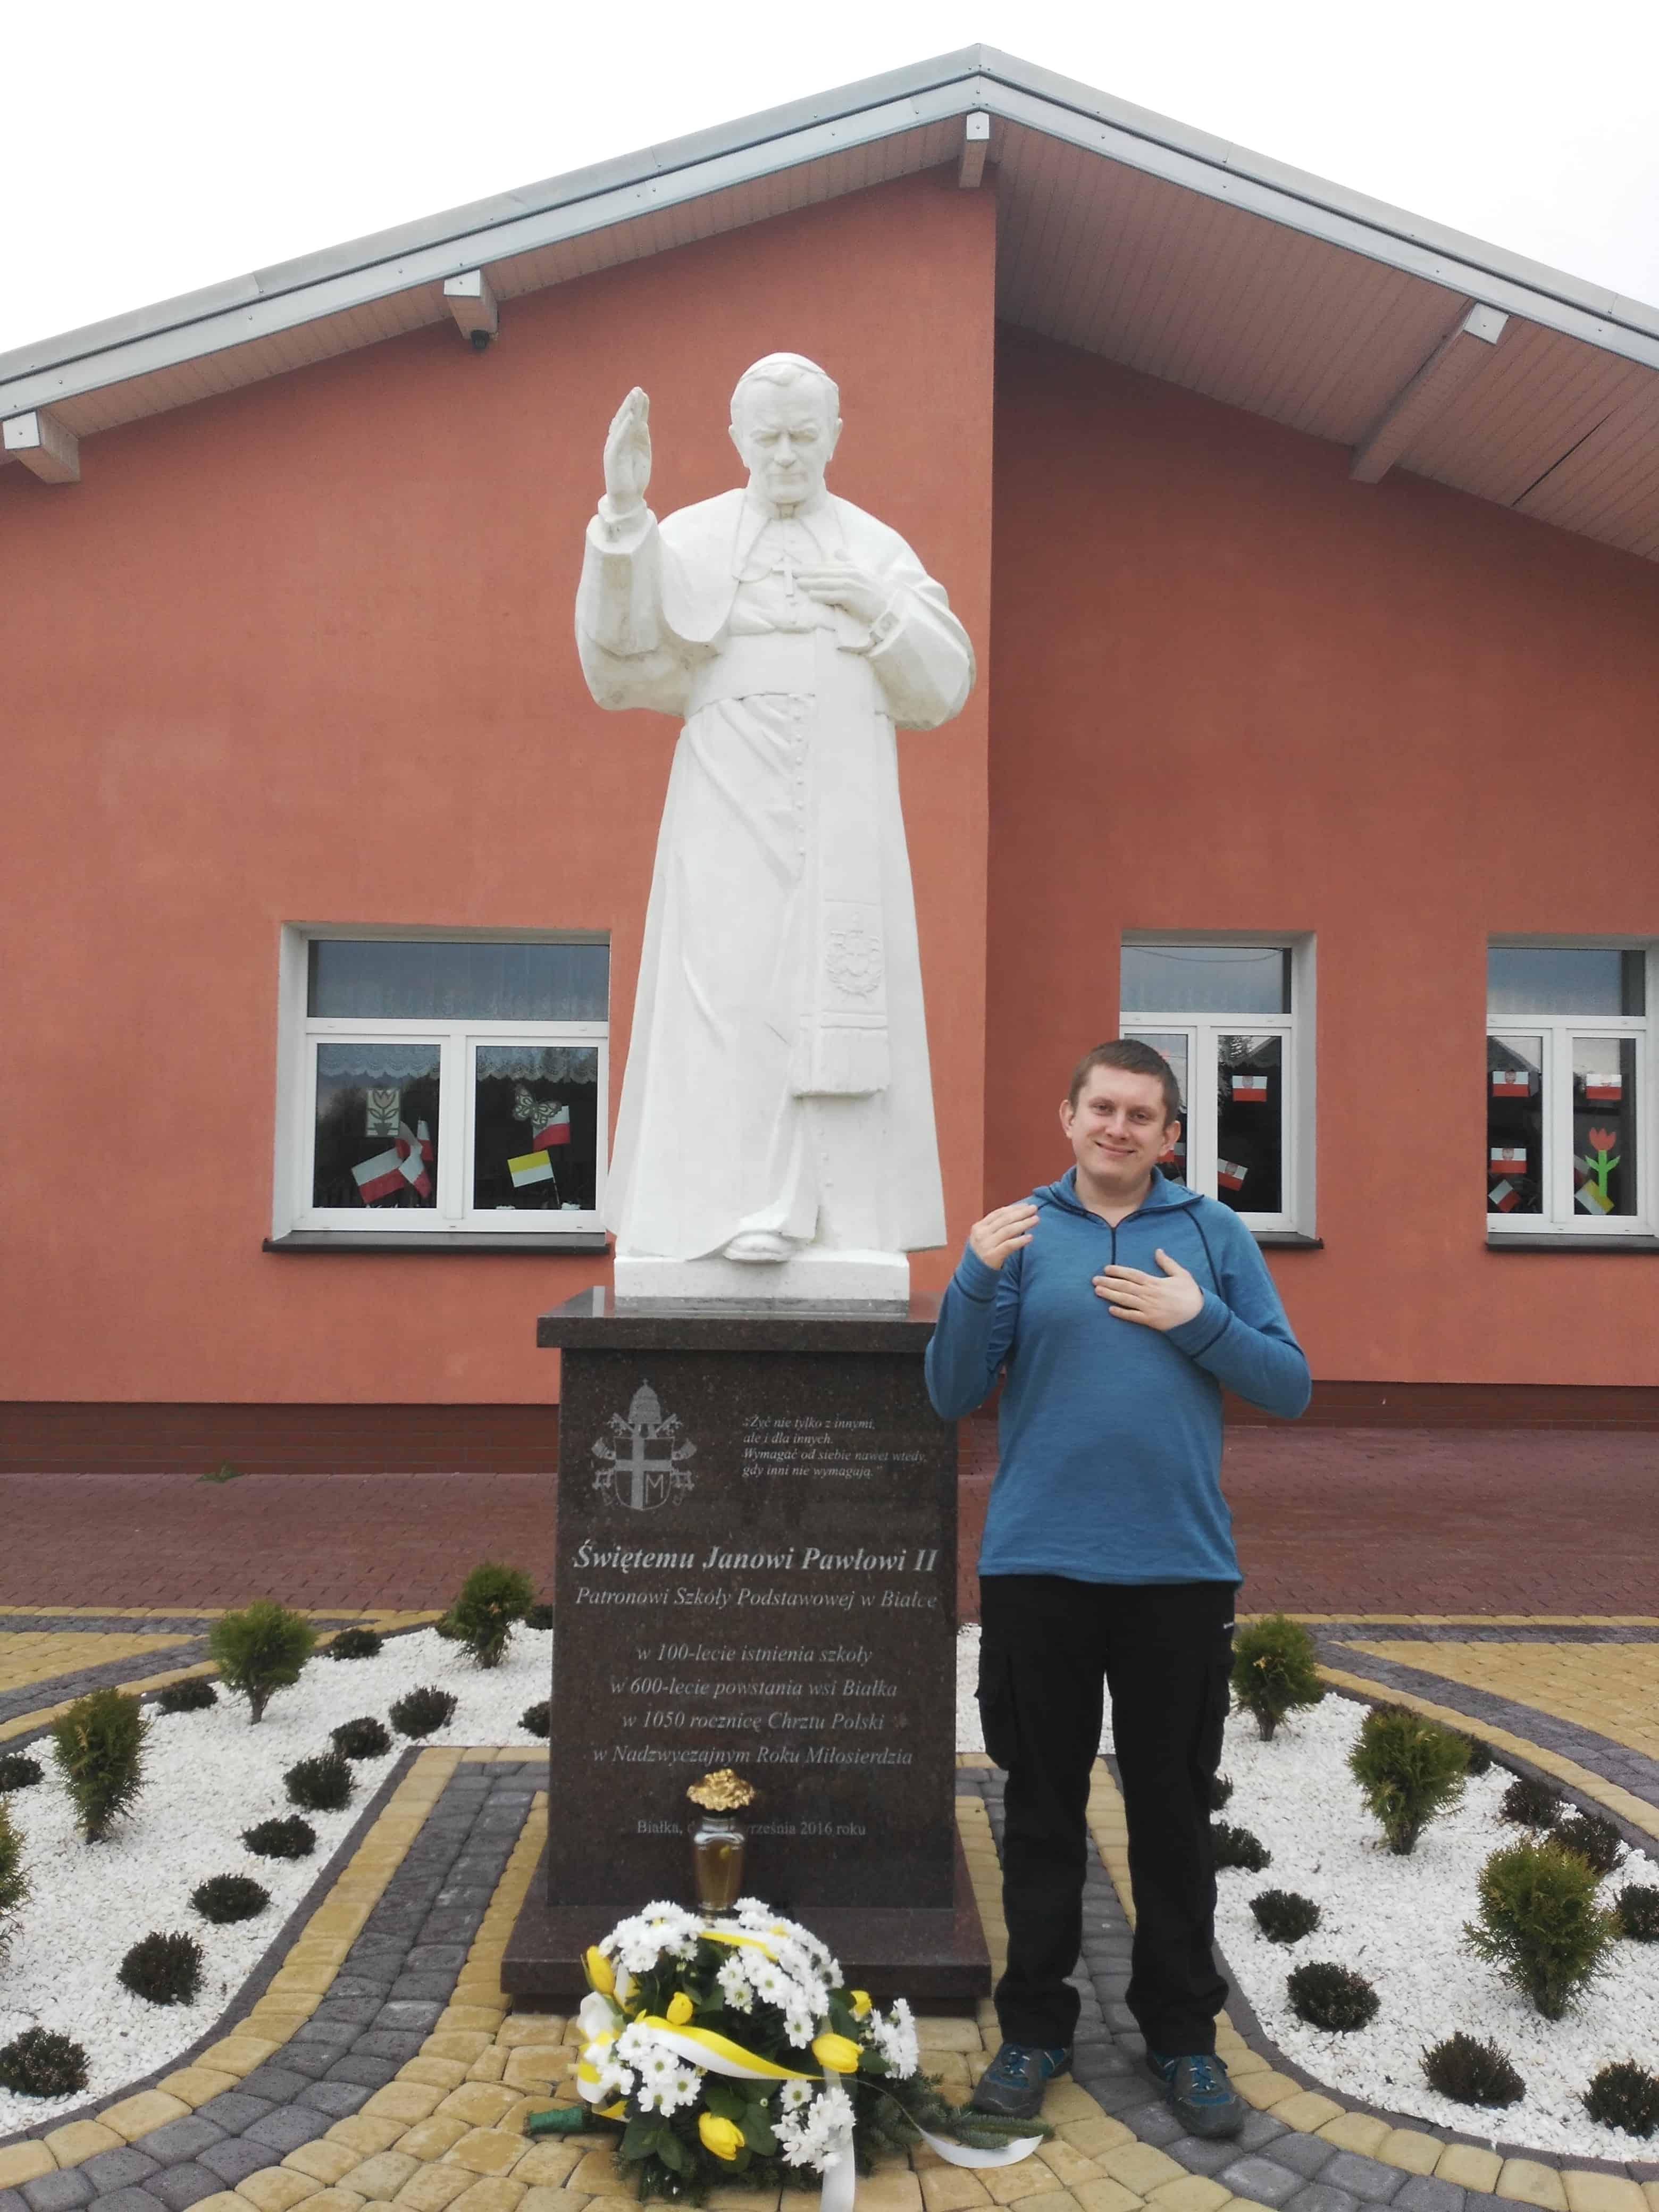 Pomniki Jana Pawła II Białka Podlasie